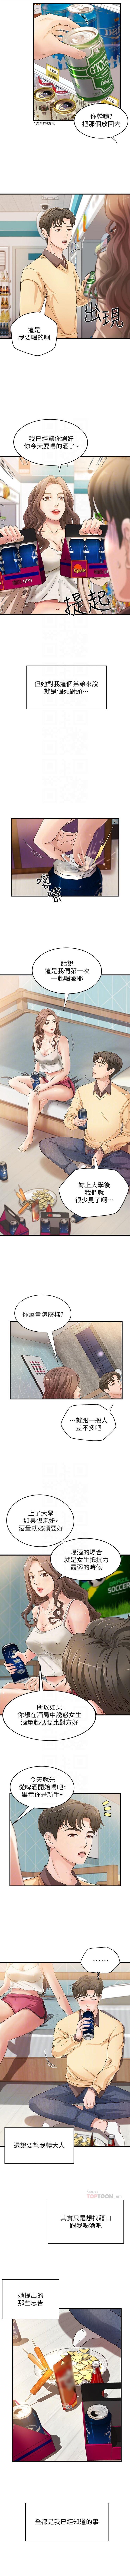 御姐的實戰教學 1-24 官方中文(連載中) 11